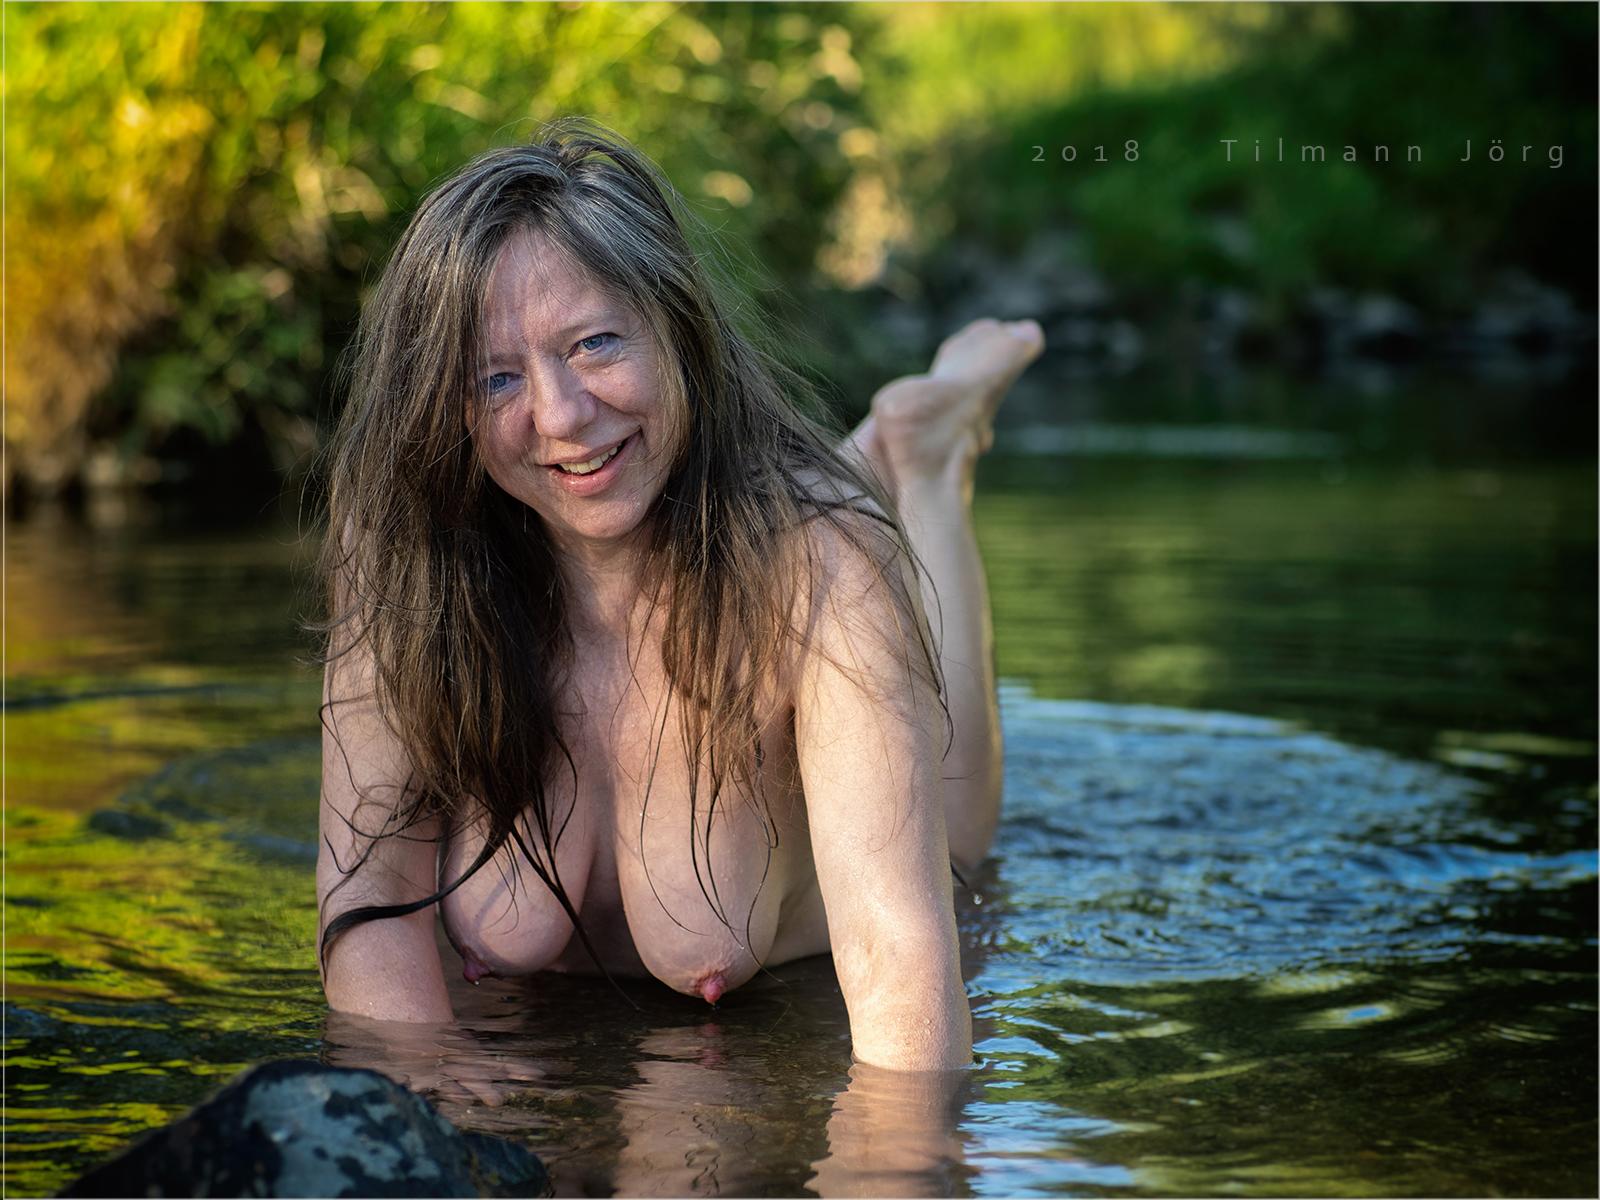 Nackte Frau liegt im Fluss und lacht